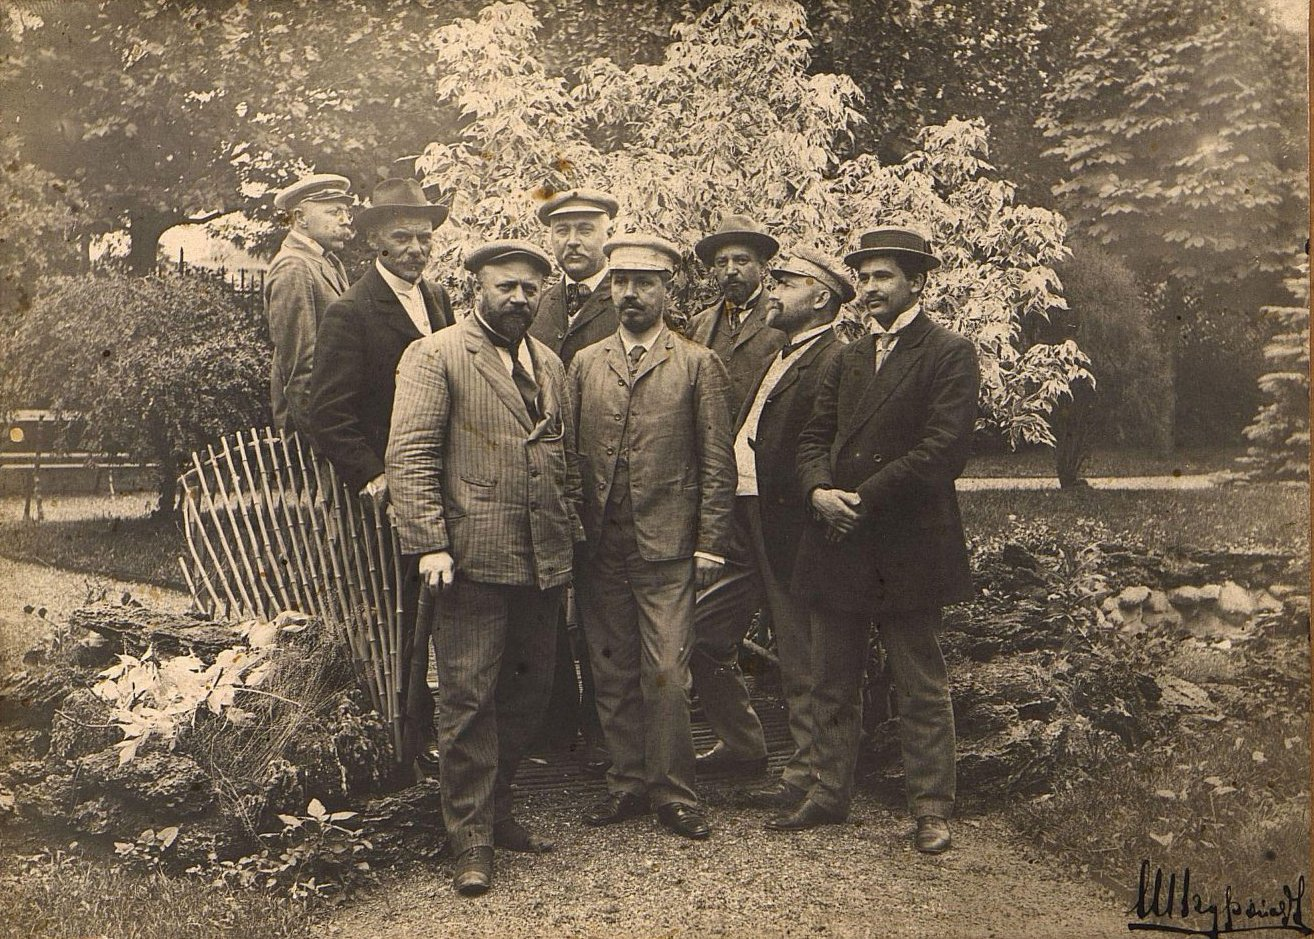 Служащие Одесского городского водопровода. 1909-1910 гг.